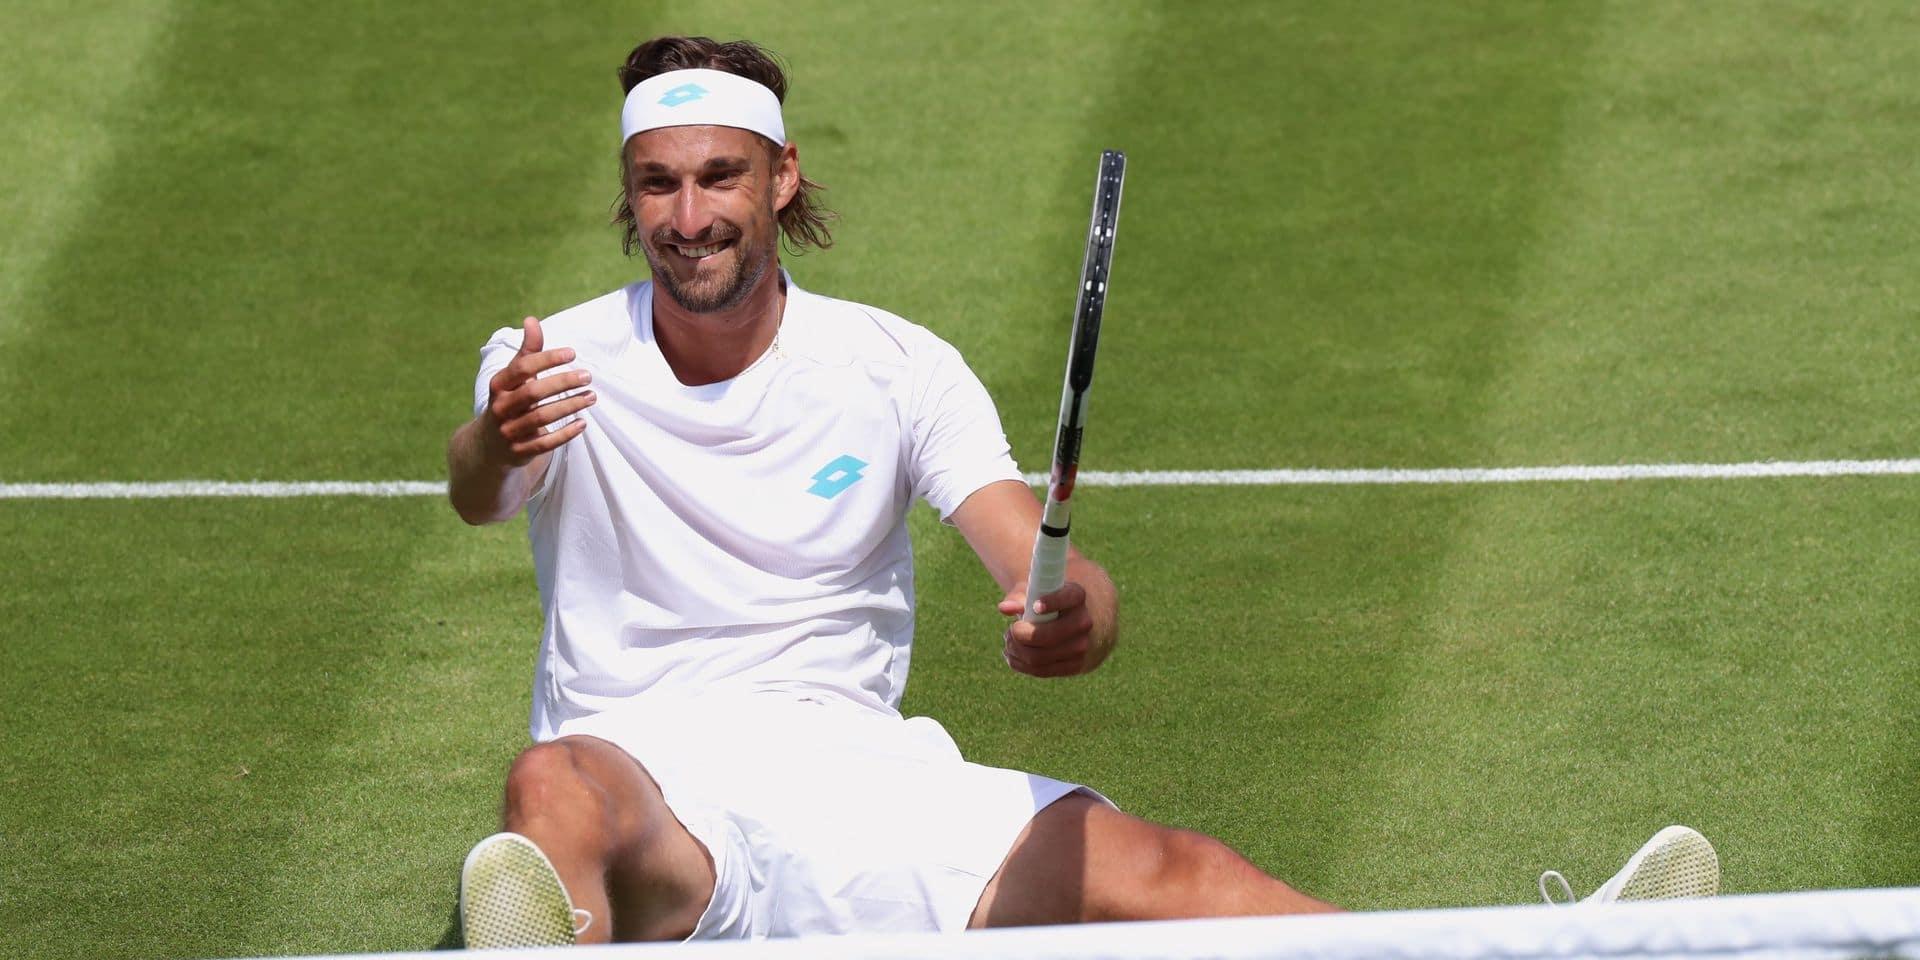 Challenger de Glasgow - Ruben Bemelmans en quarts de finale du double